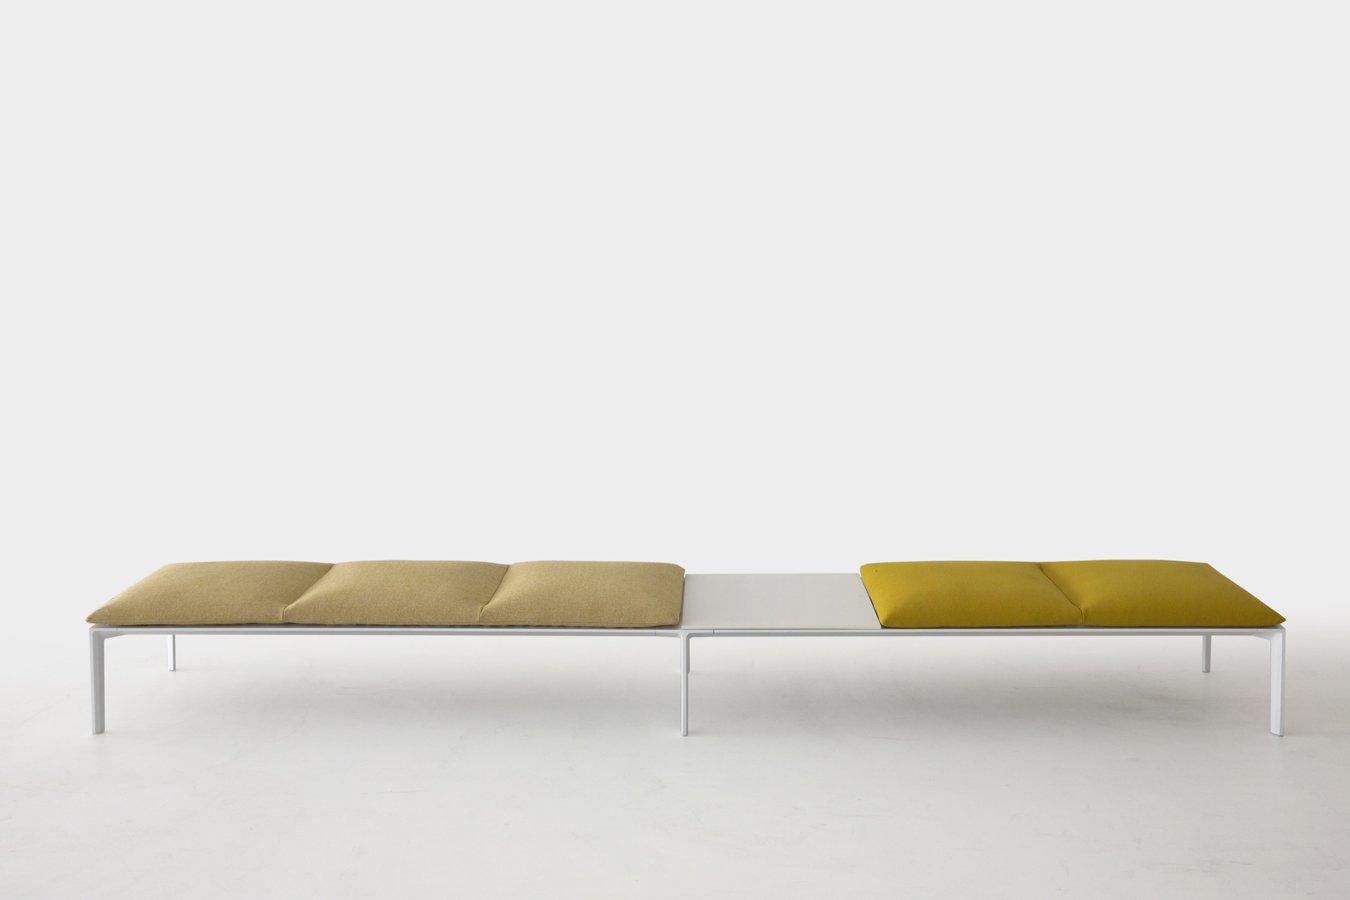 La Palma Add Modular Sofa Contemporary Furniture From